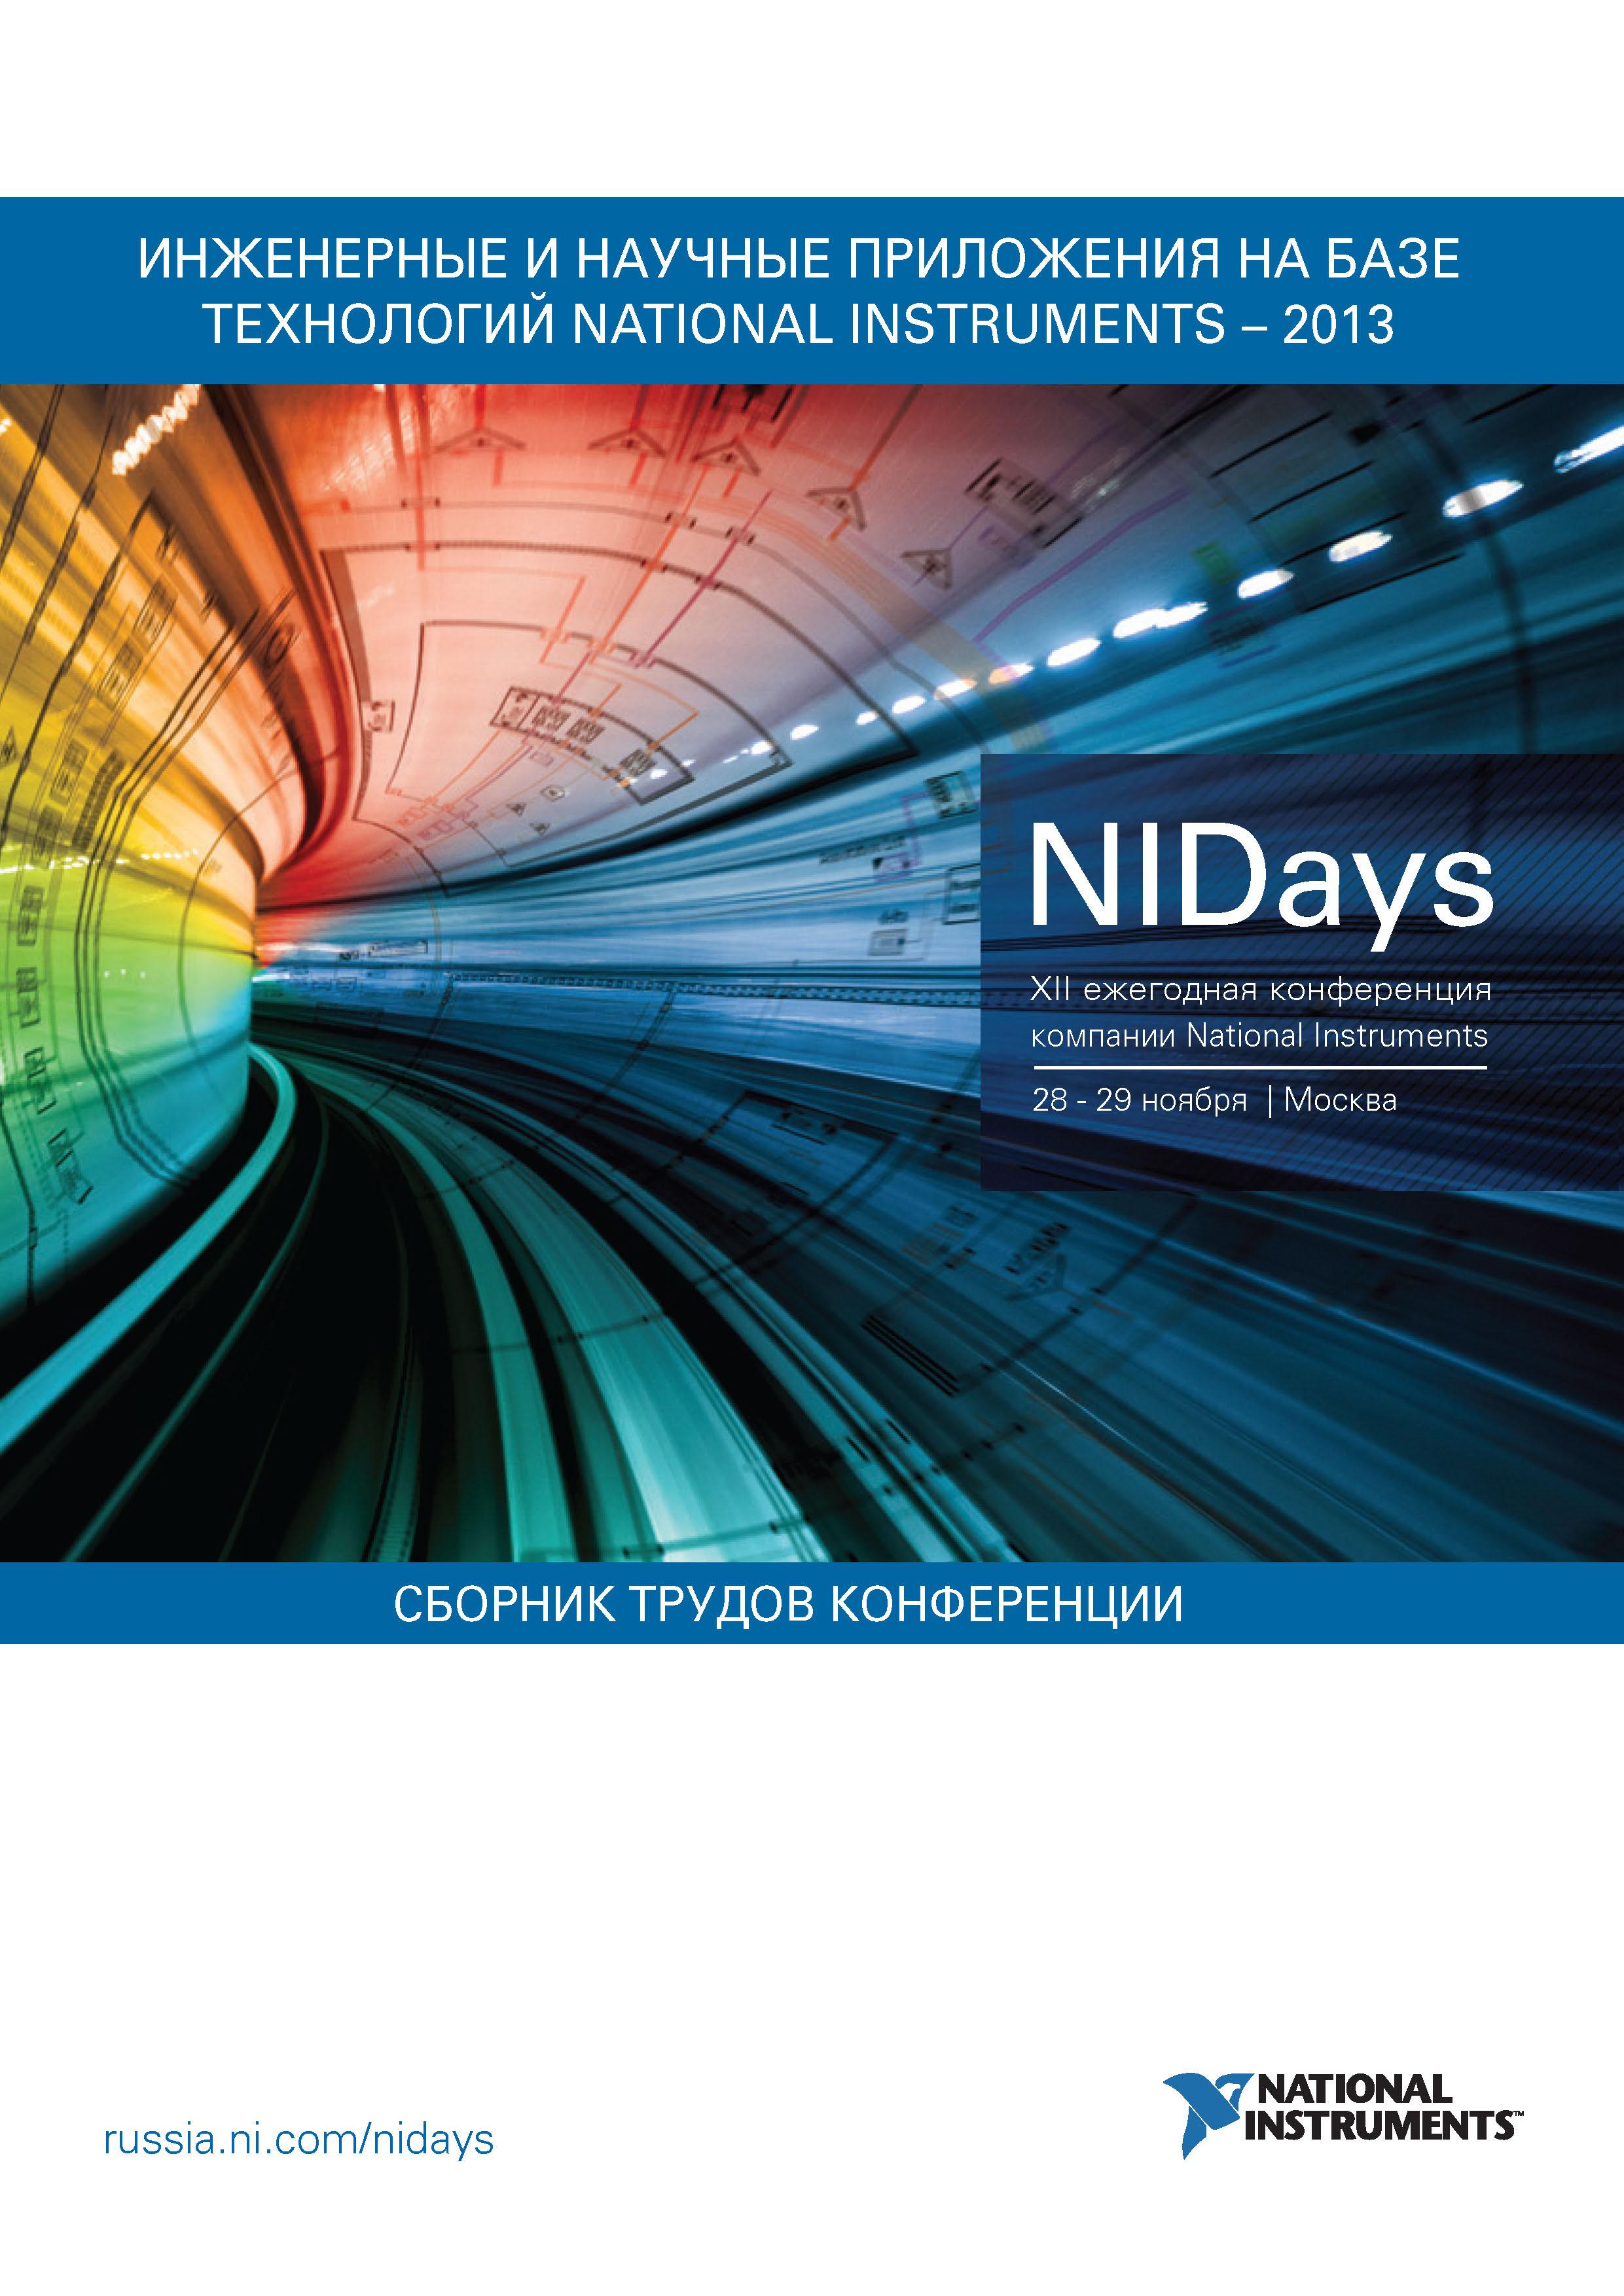 Инженерные и научные приложения на базе технологий National Instruments – 2013